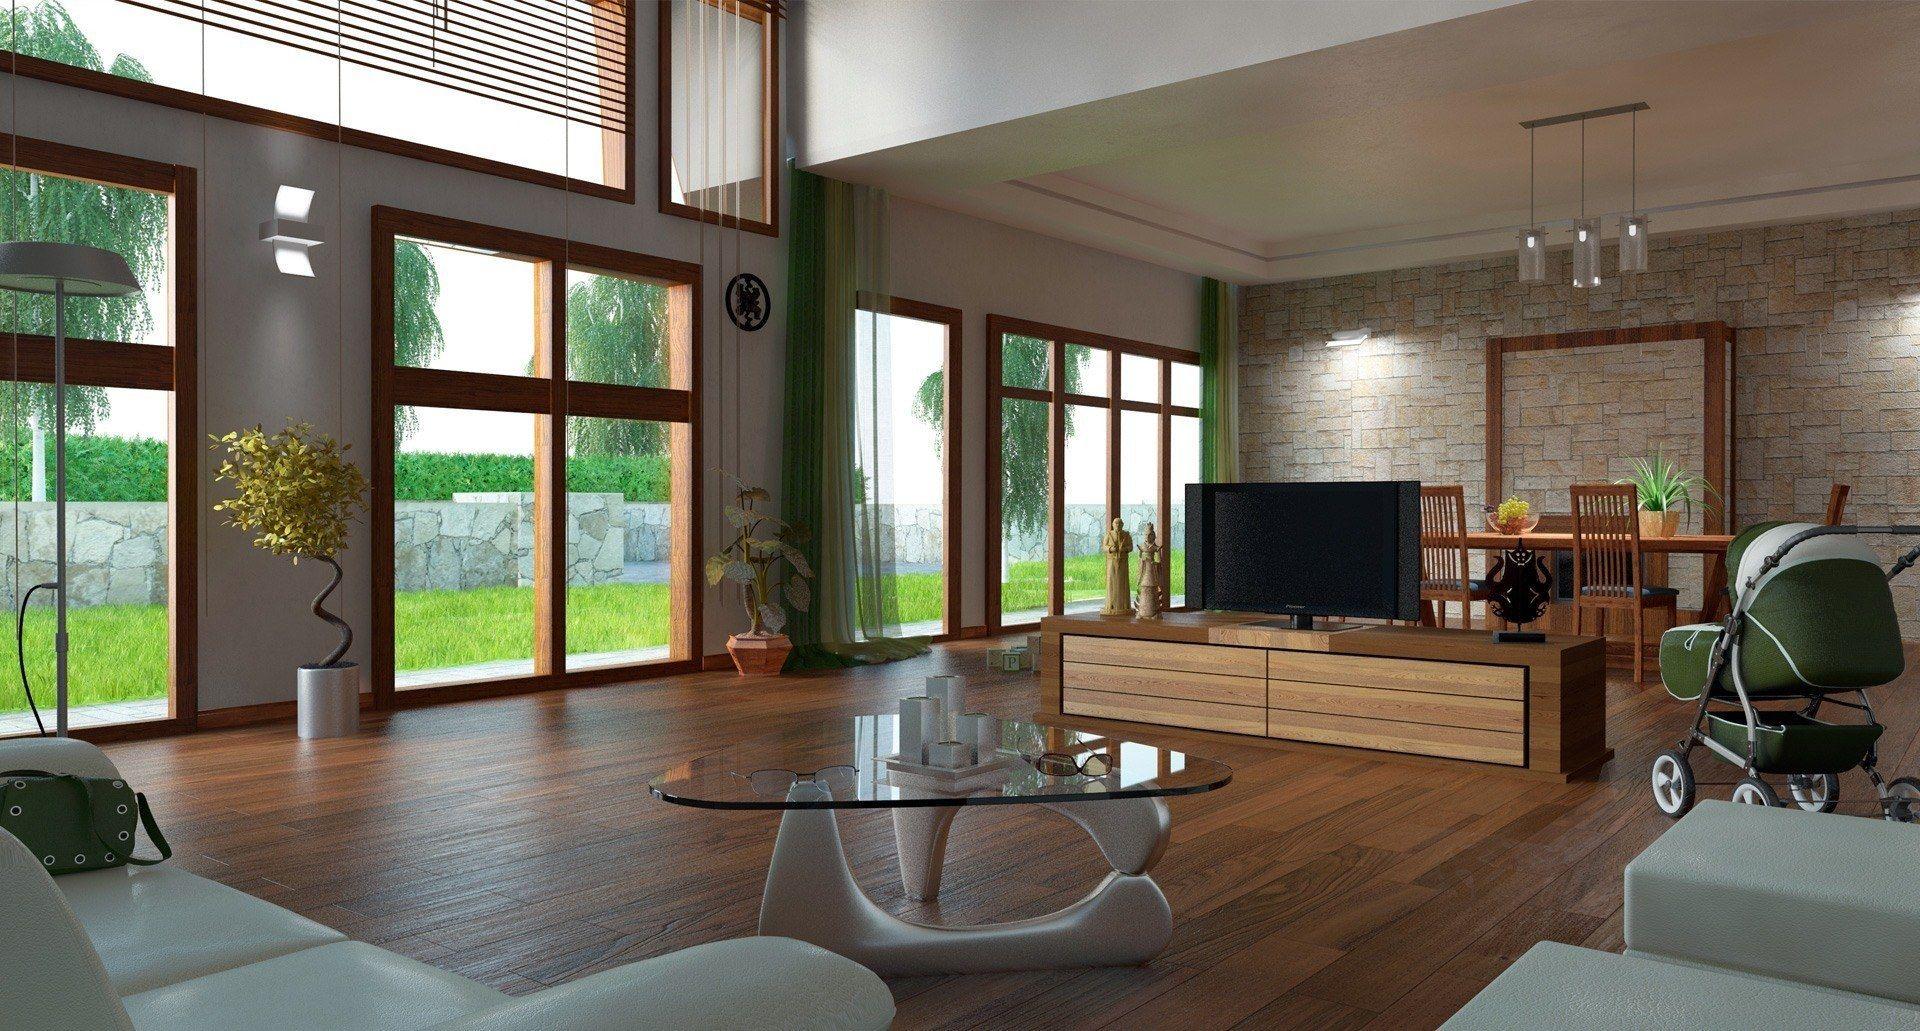 Salon Moderno Decoracion Via Planreforma Accesorios Mesas De  # Muebles Favorita Urgell